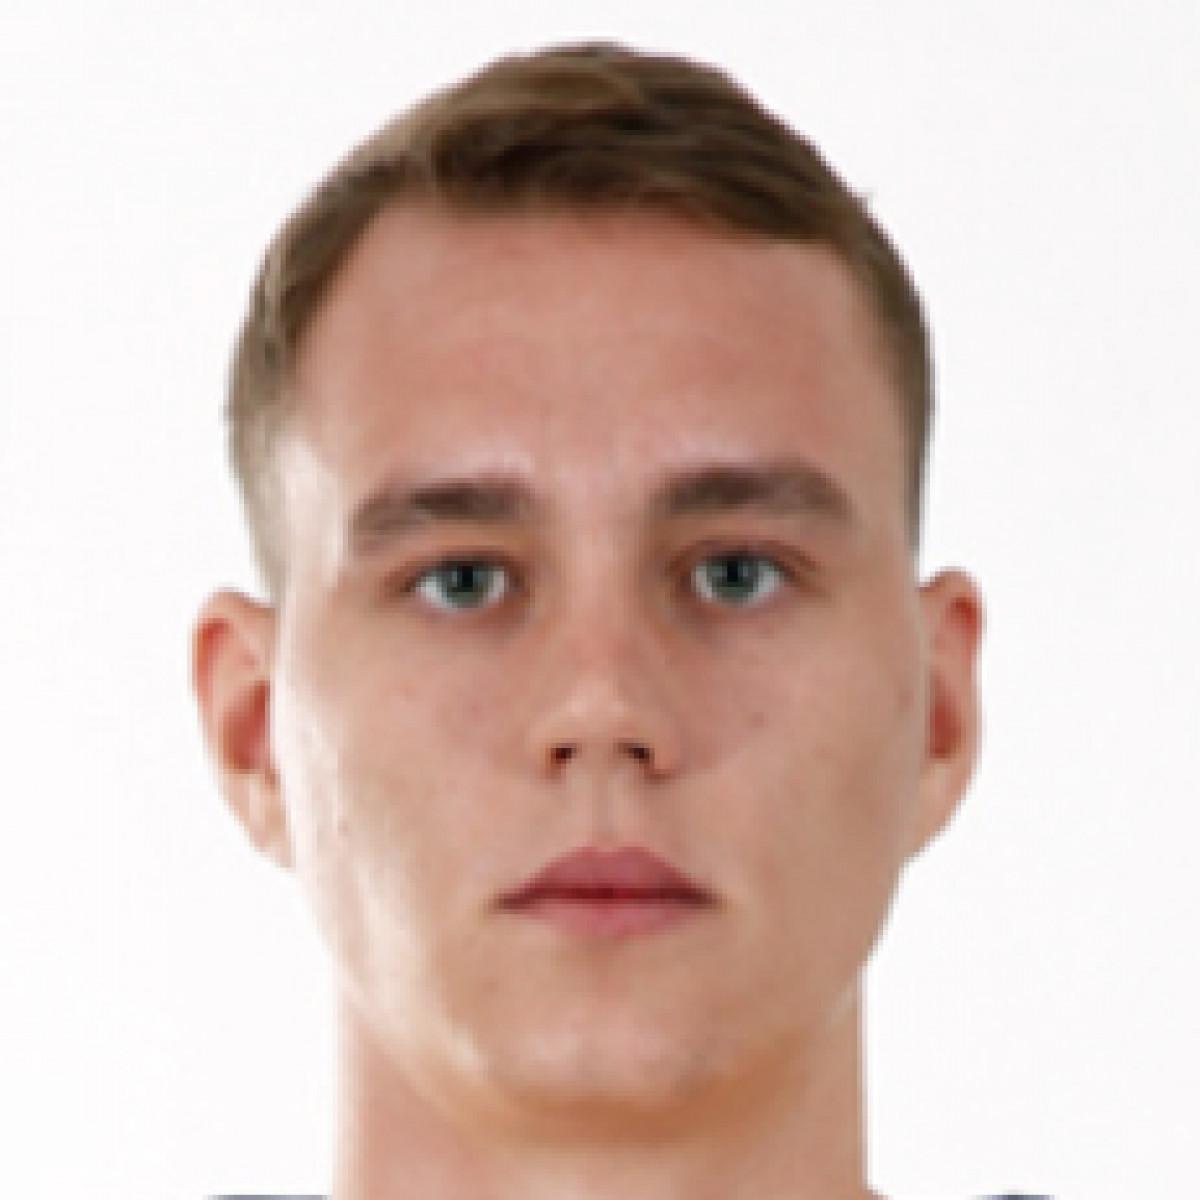 Andzejs Pasecniks